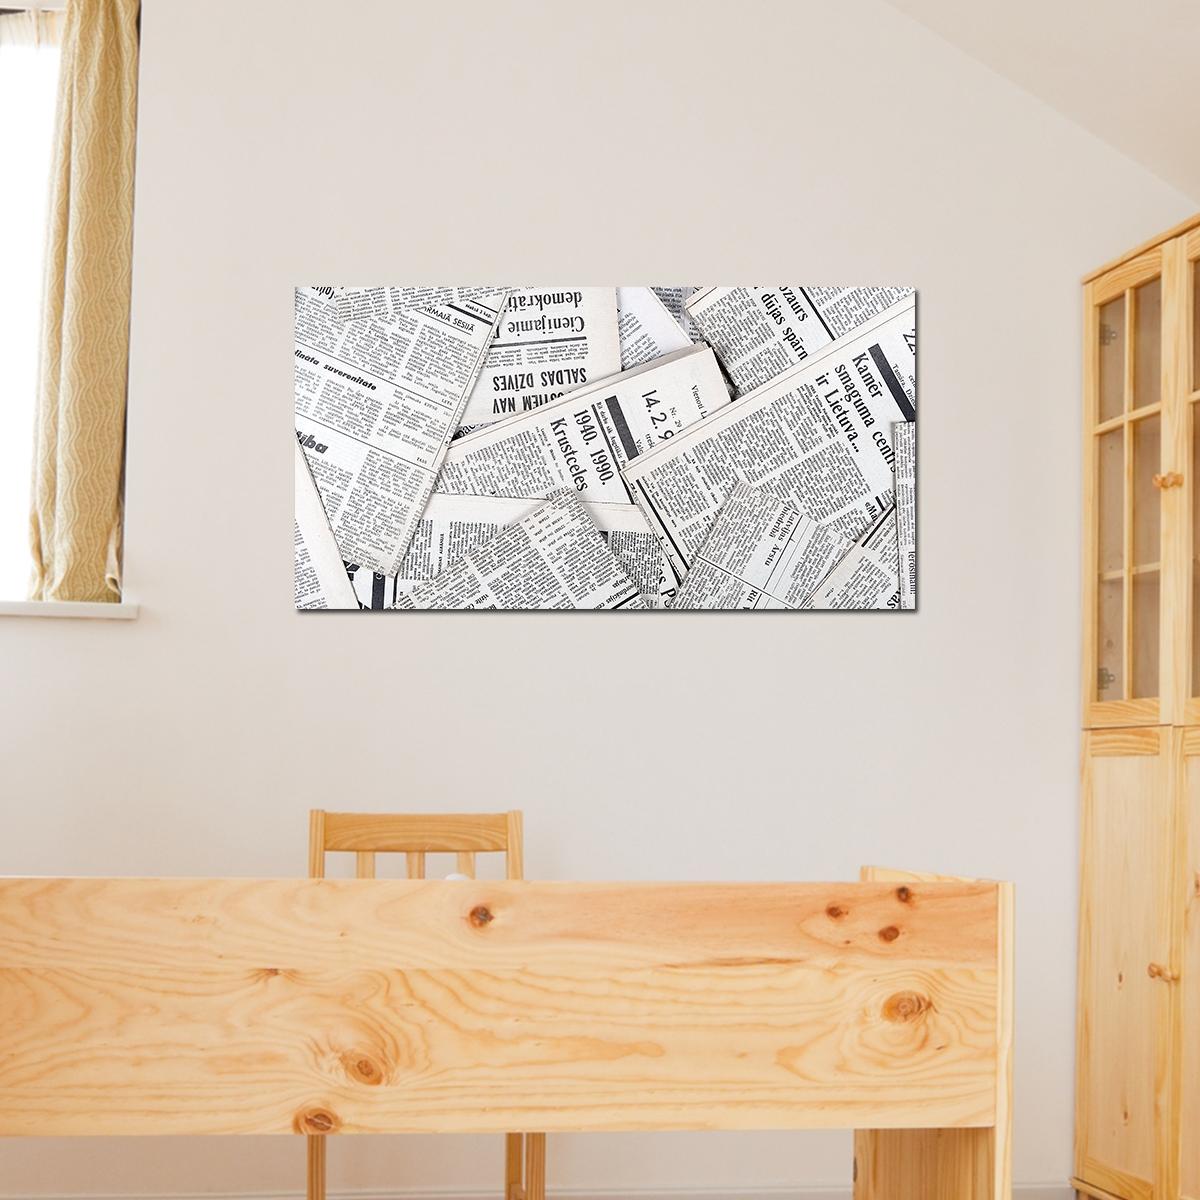 papier peint magn tique sticker papier peint magn tique journal ambiance. Black Bedroom Furniture Sets. Home Design Ideas